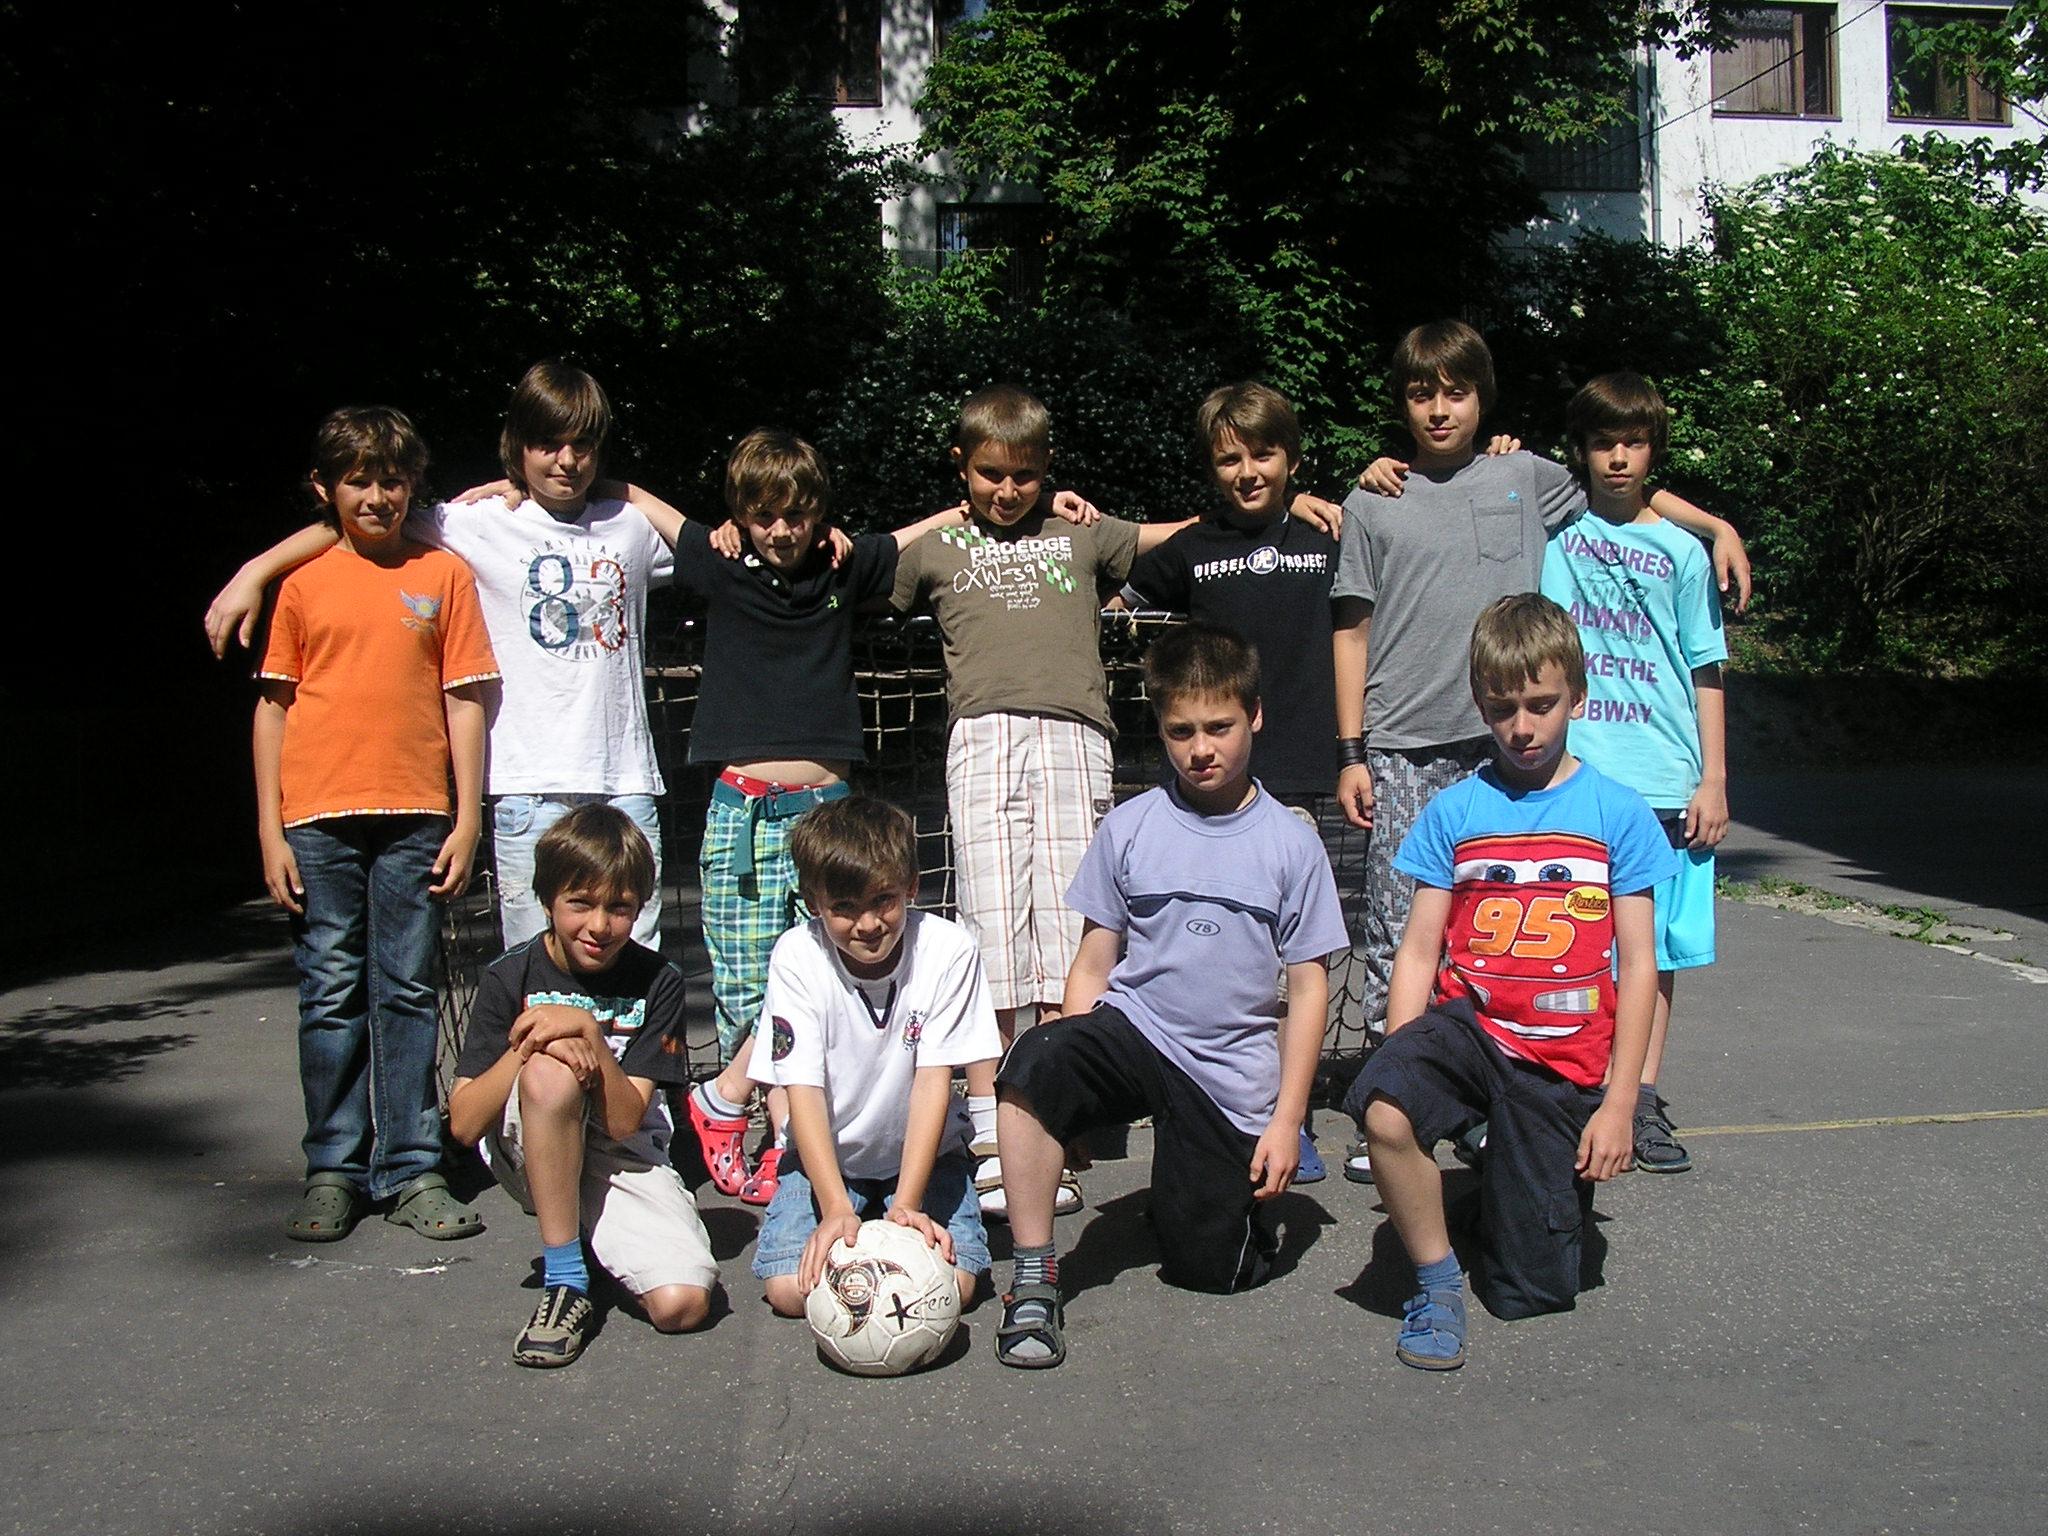 Futbalový turnaj Mc Donald´s CUP 2011